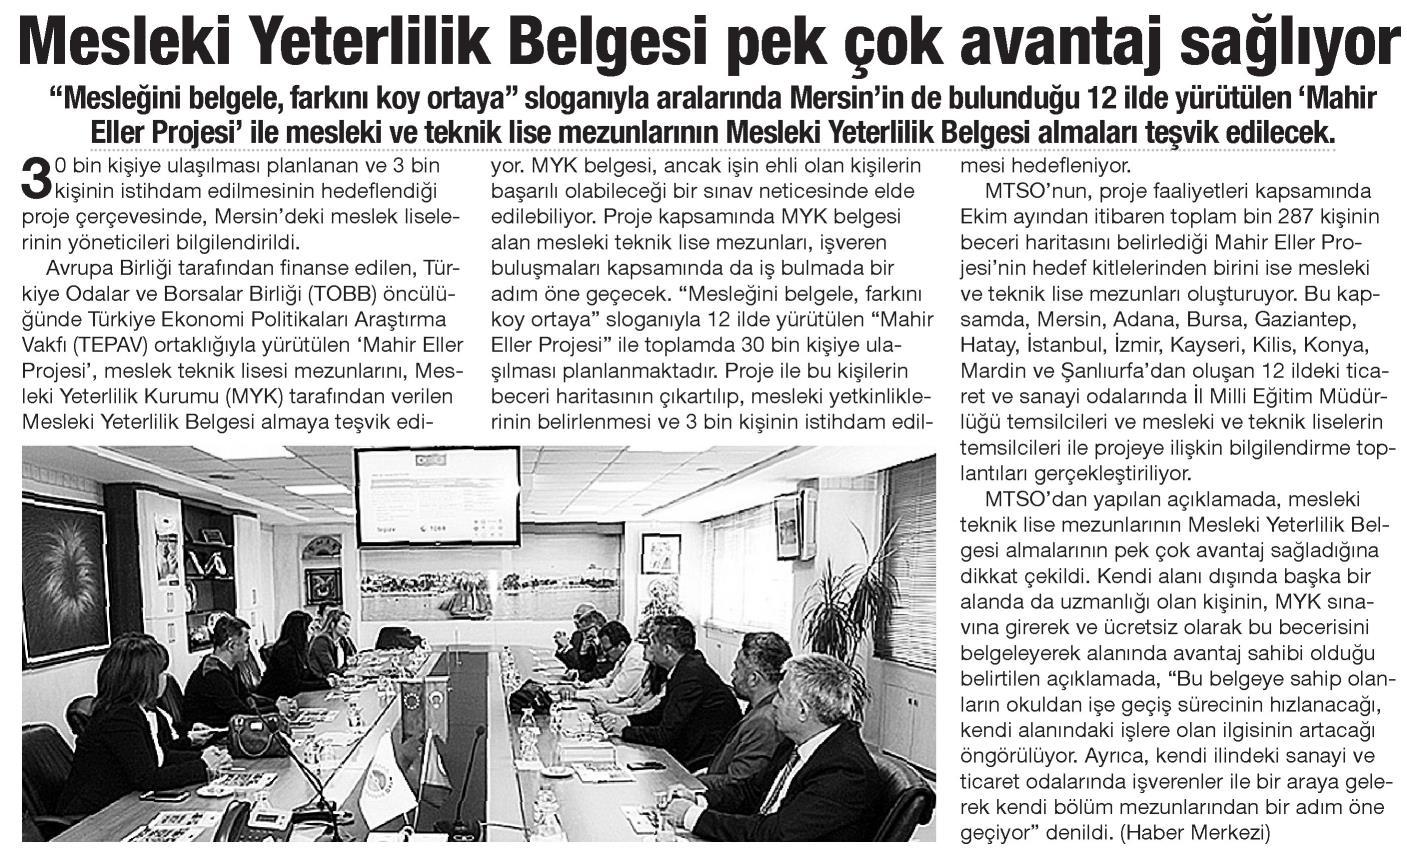 Mesleki Yerlilik Belgesi Pek Çok Avantaj Sağlıyor Yeni Adana